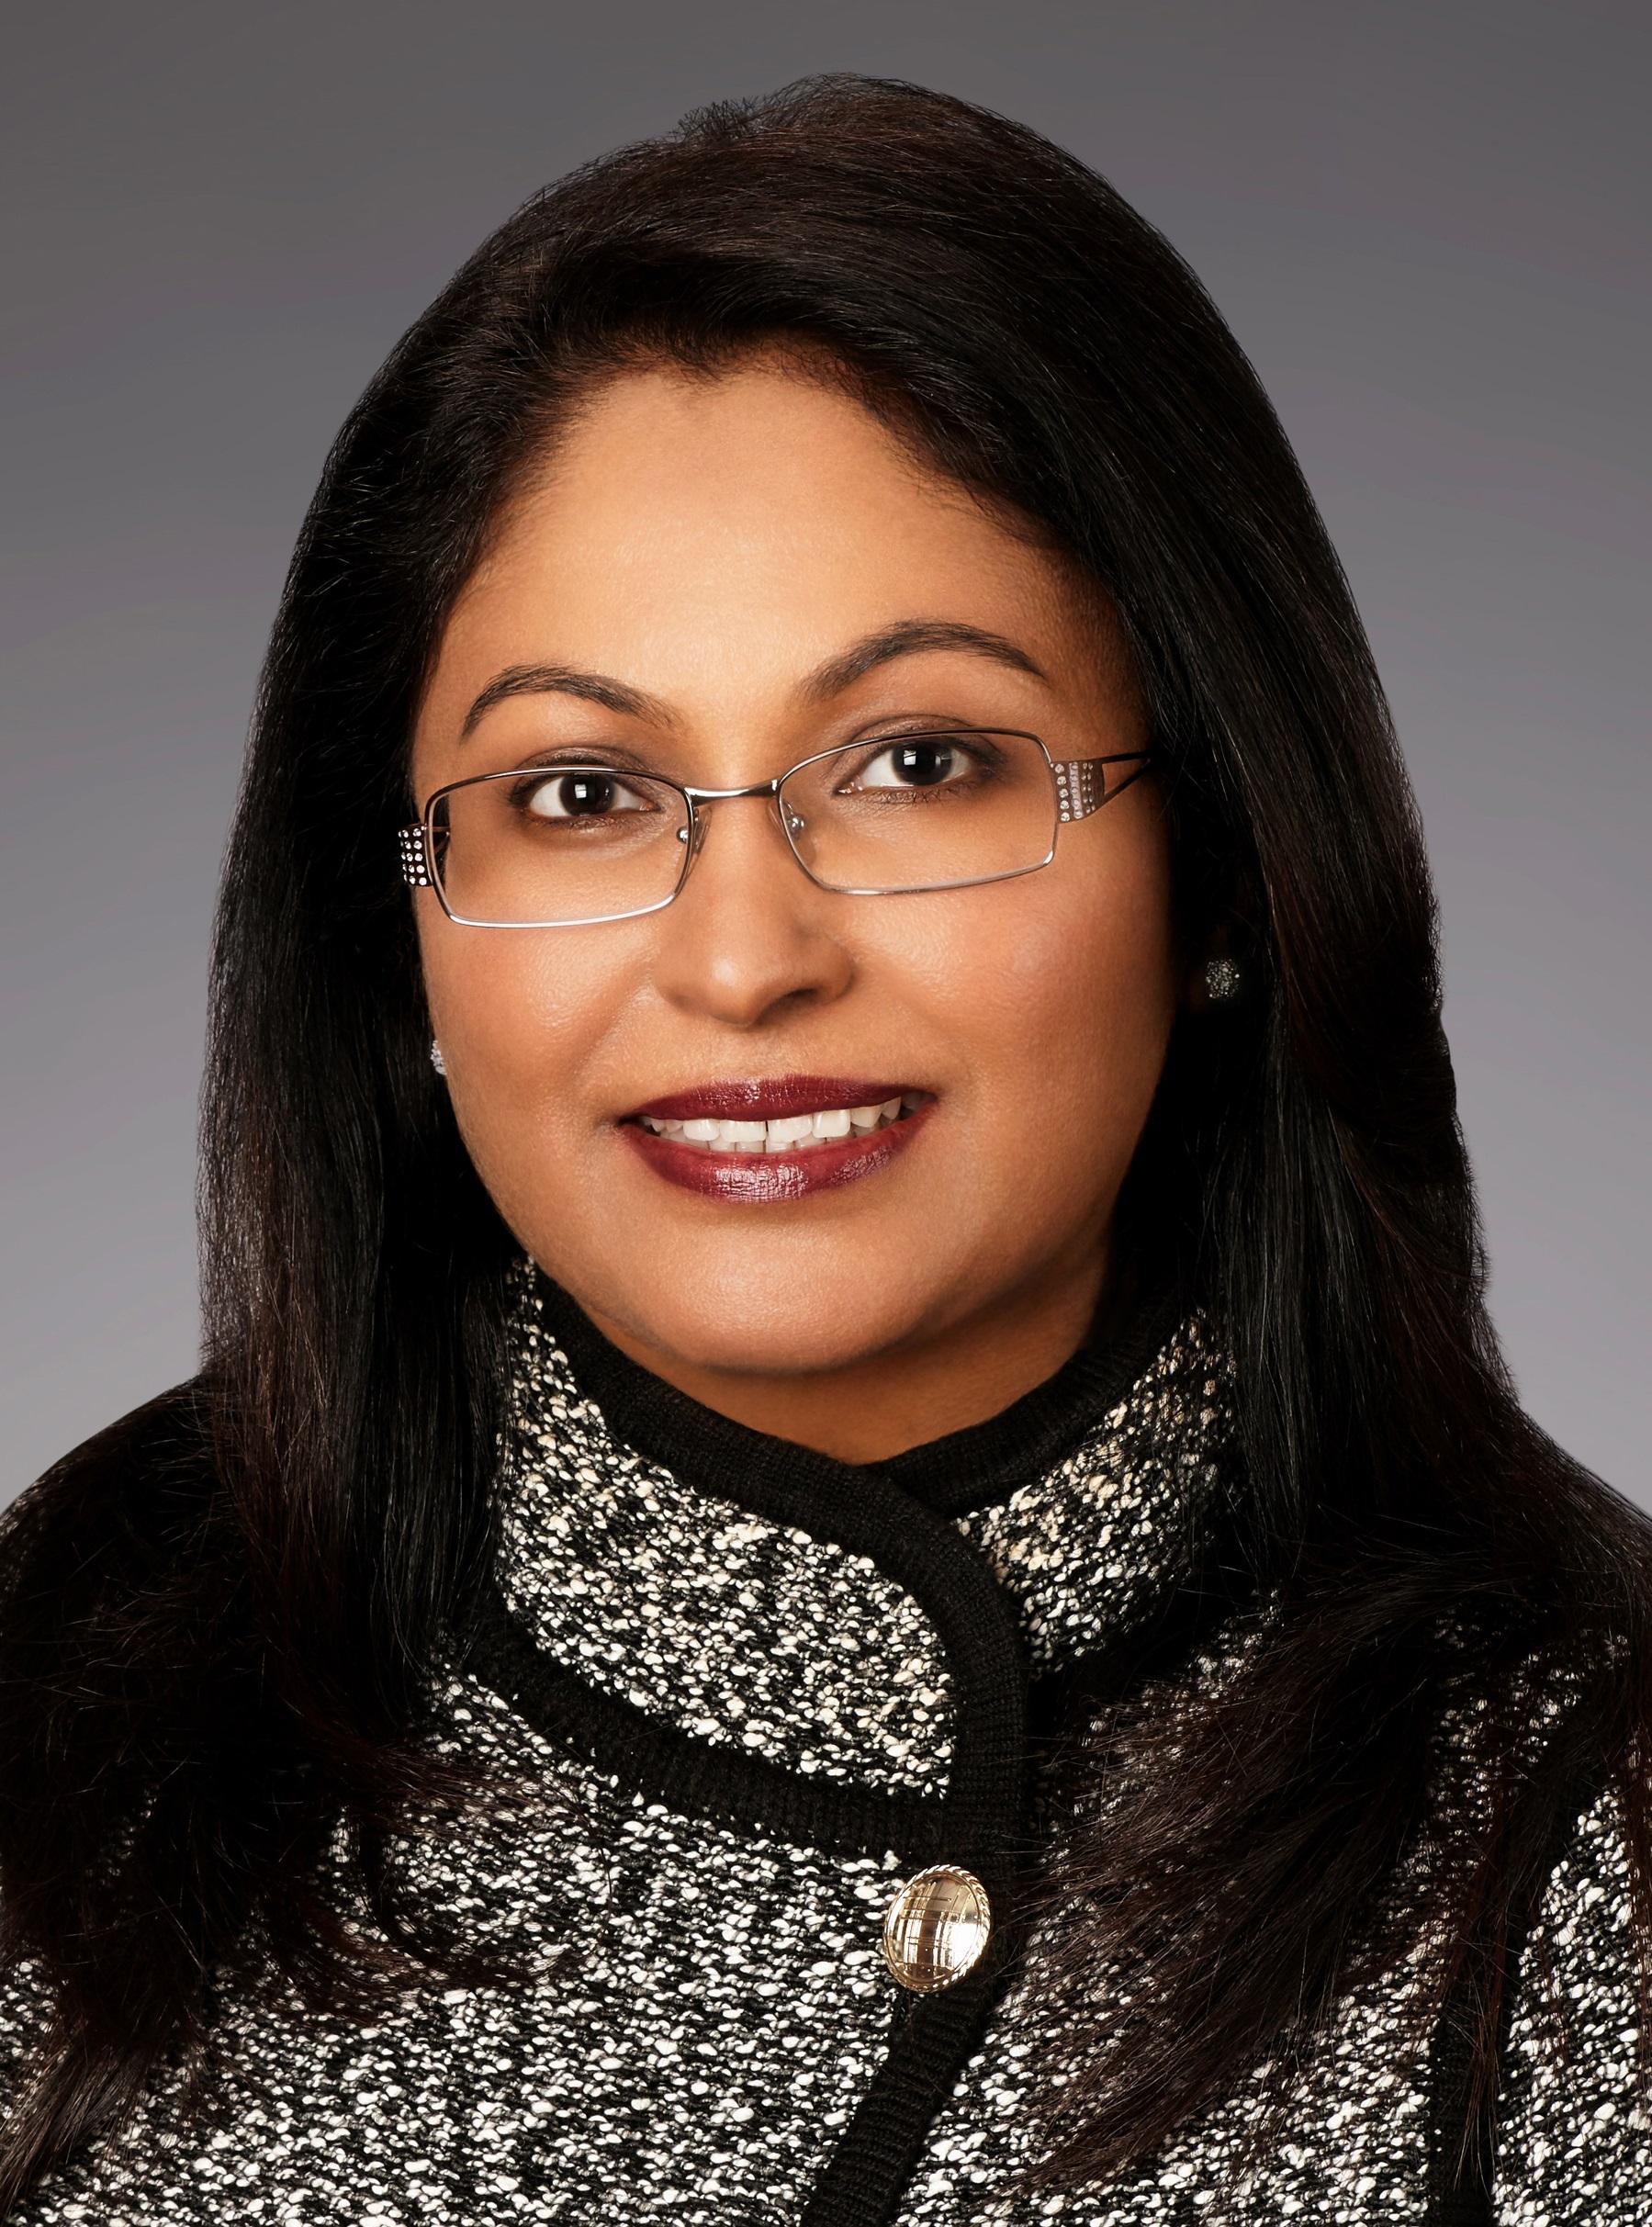 Madhumita Bhattacharyya